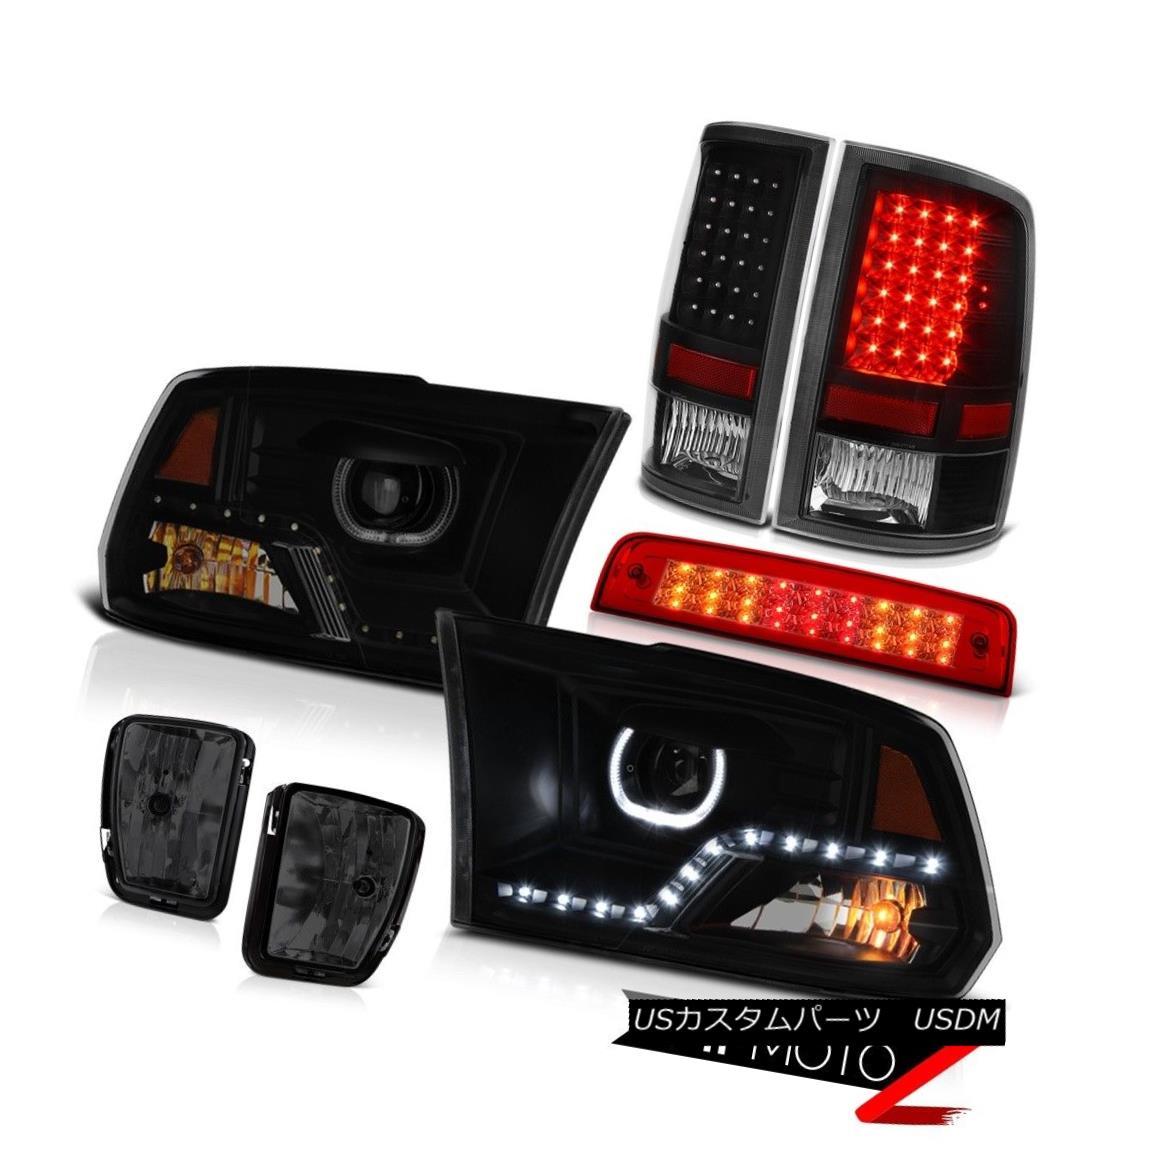 ヘッドライト 2013-2018 RAM 1500 DRL Head Lamps Red Brake Light Driving Lights Led Tail PAIR 2013-2018 RAM 1500 DRLヘッドランプレッドブレーキライトドライブライトLed Tail PAIR